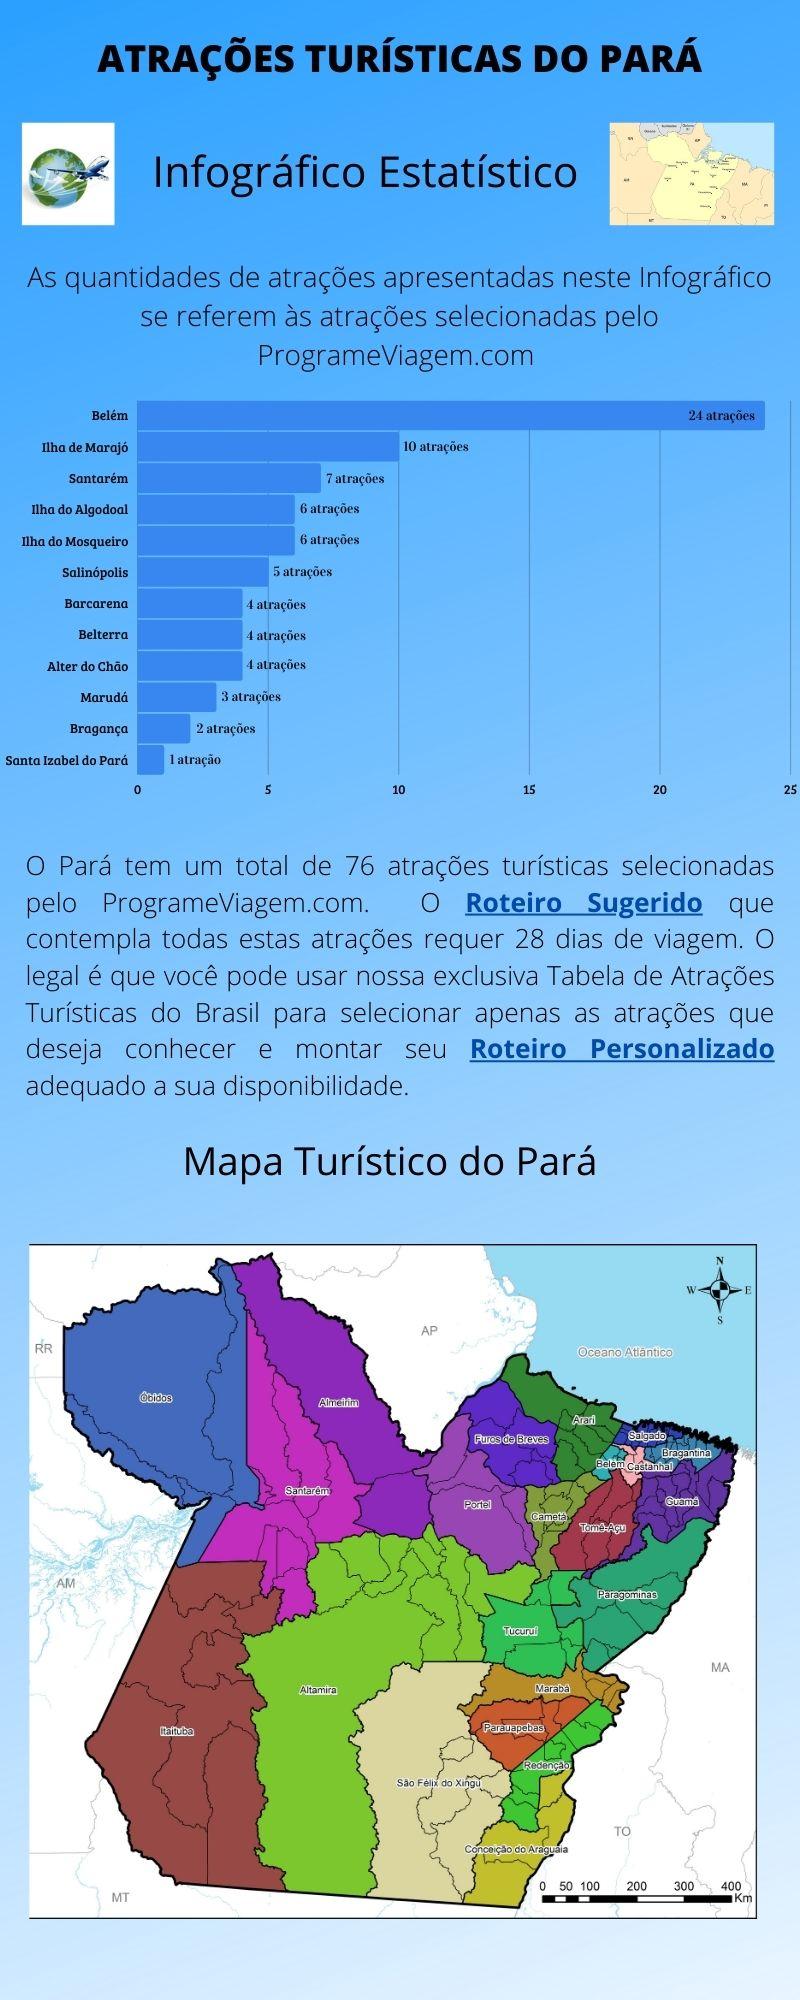 Infográfico Atrações Turísticas do Pará 1